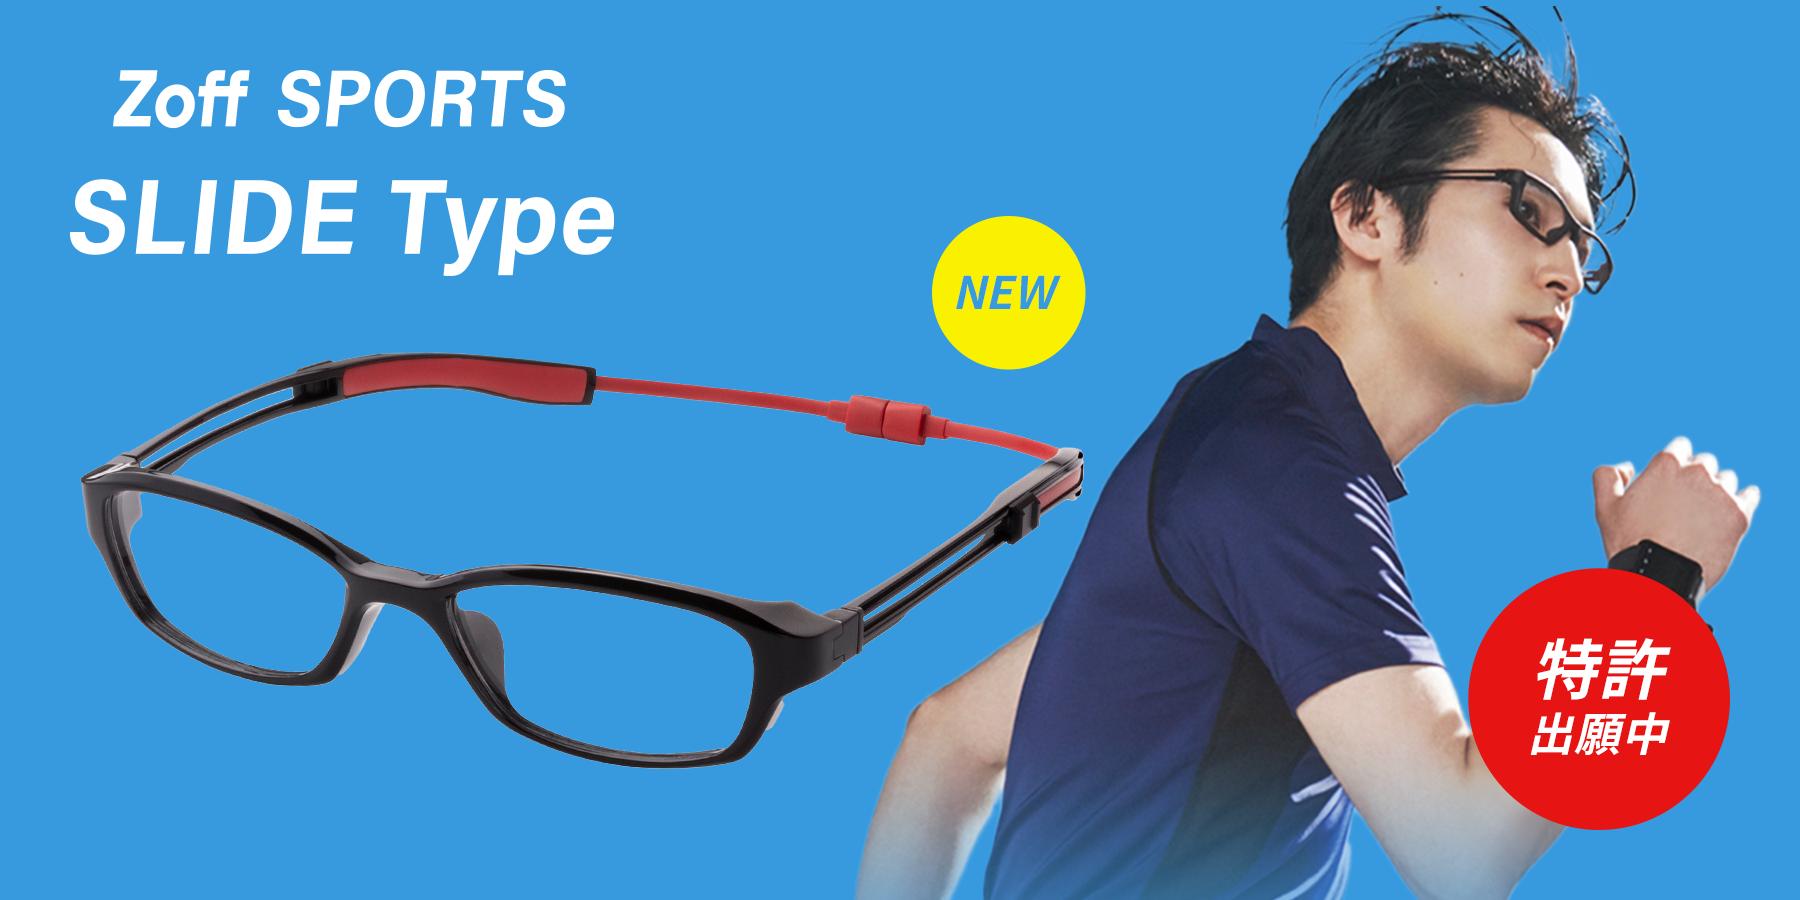 メガネのつるが頭部を360度ホールド!スポーツできるメガネ「Zoff SPORTS SLIDE TYPE」に新モデルが登場